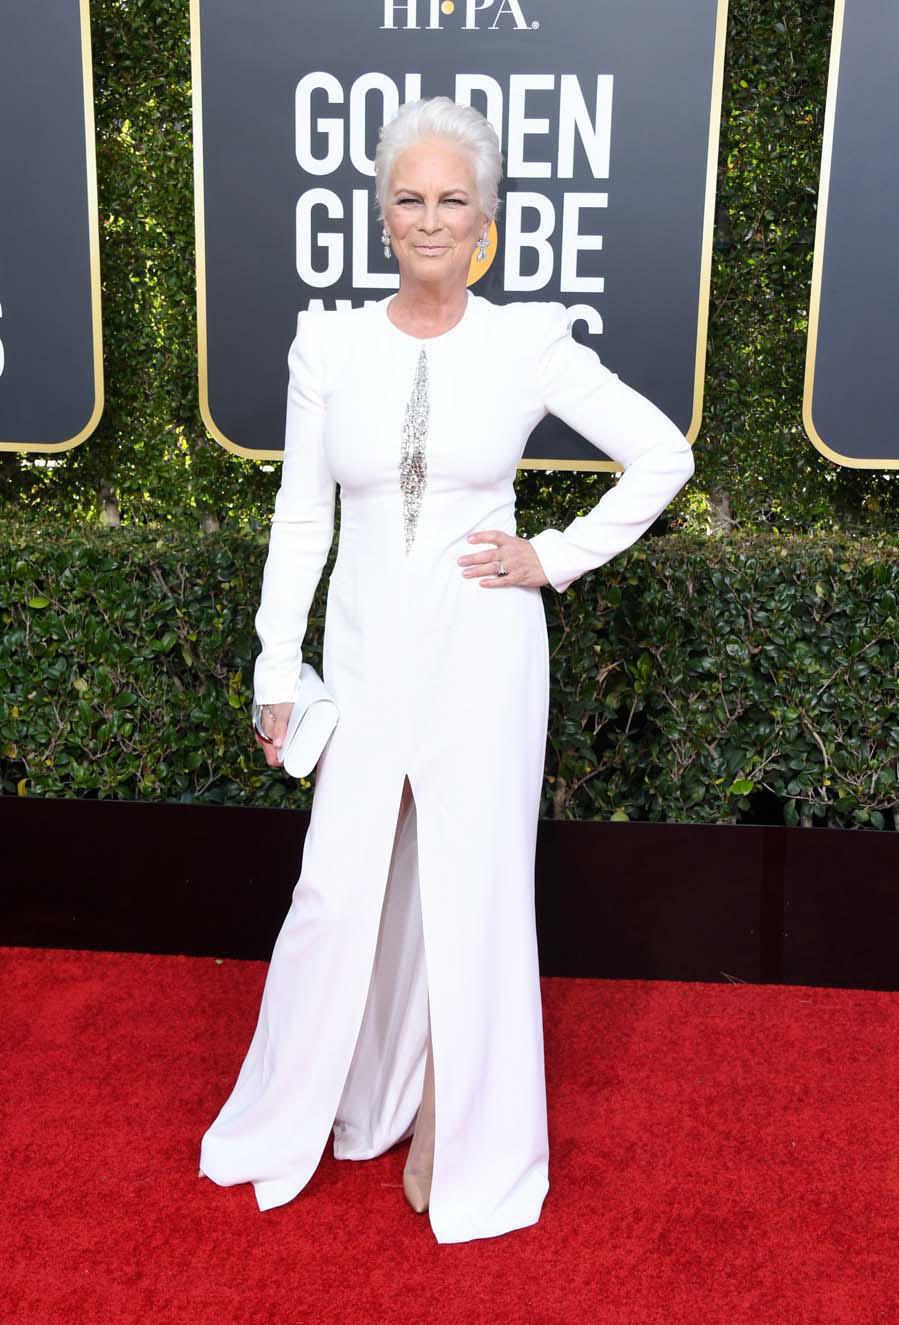 La actriz se propuso combinar su pelo con su vestido de <strong>Alexander McQueen</strong> y la jugada no le ha salido del todo bien, quizás sea por el maquillaje o el peinado, pero lo cierto es, que aunque el diseño sea juvenil, no hace más que sumarle años encima.